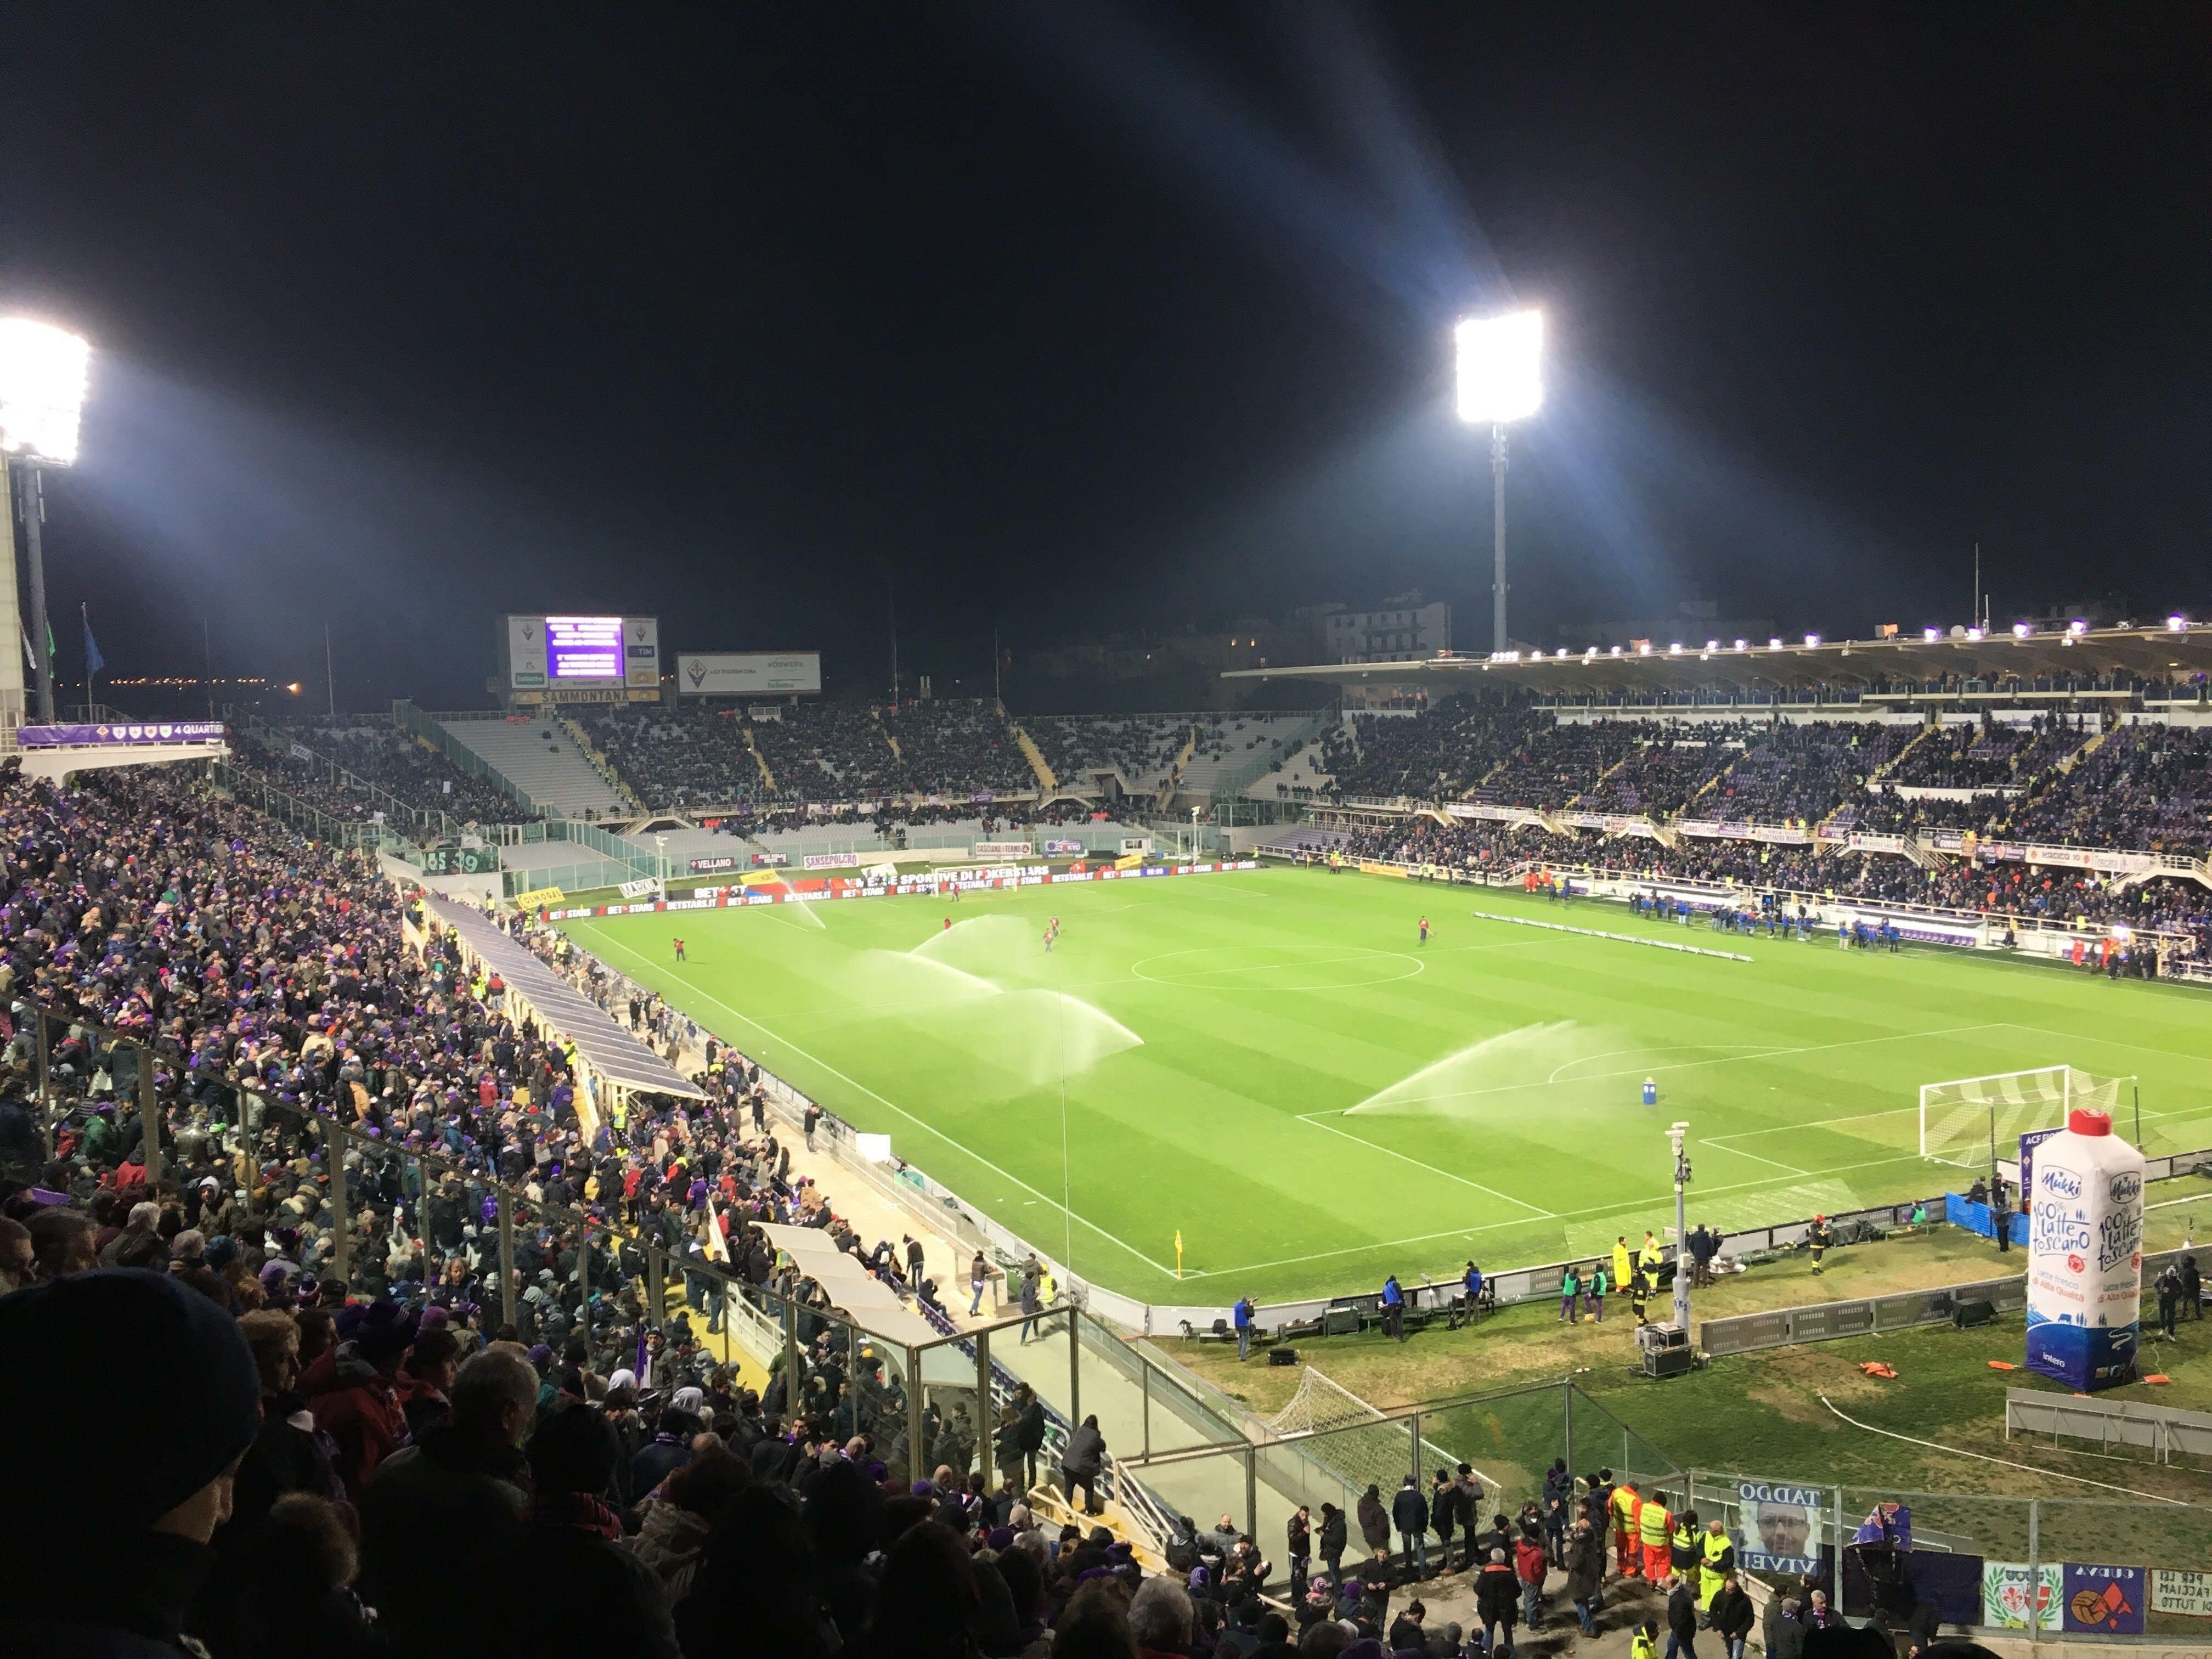 VISITato per voi! Stadio Artemio Franchi di Firenze